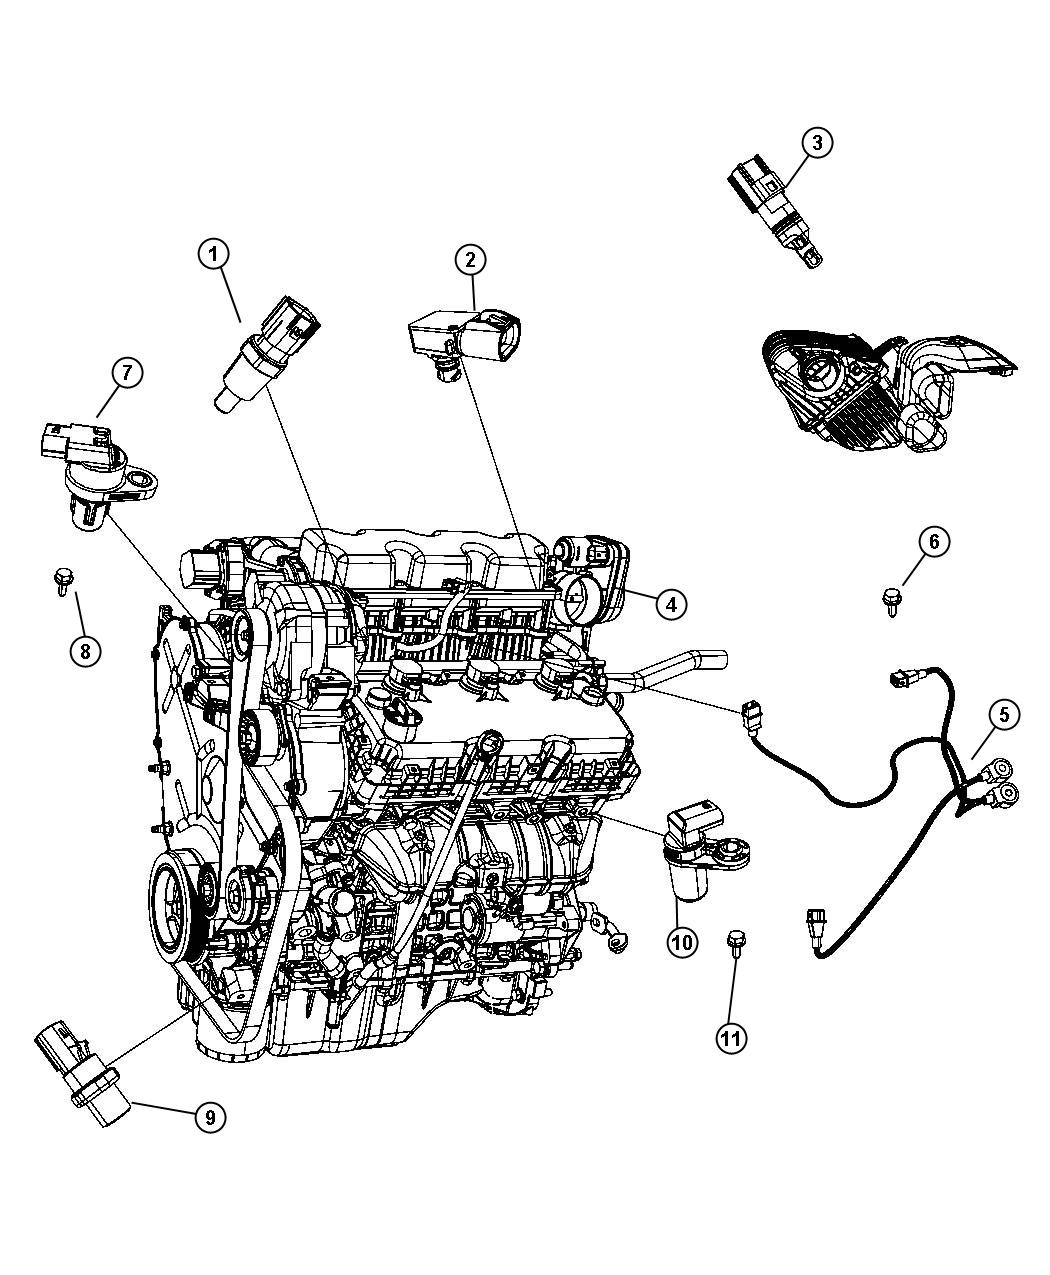 2006 dodge stratus 2.4l engine diagram